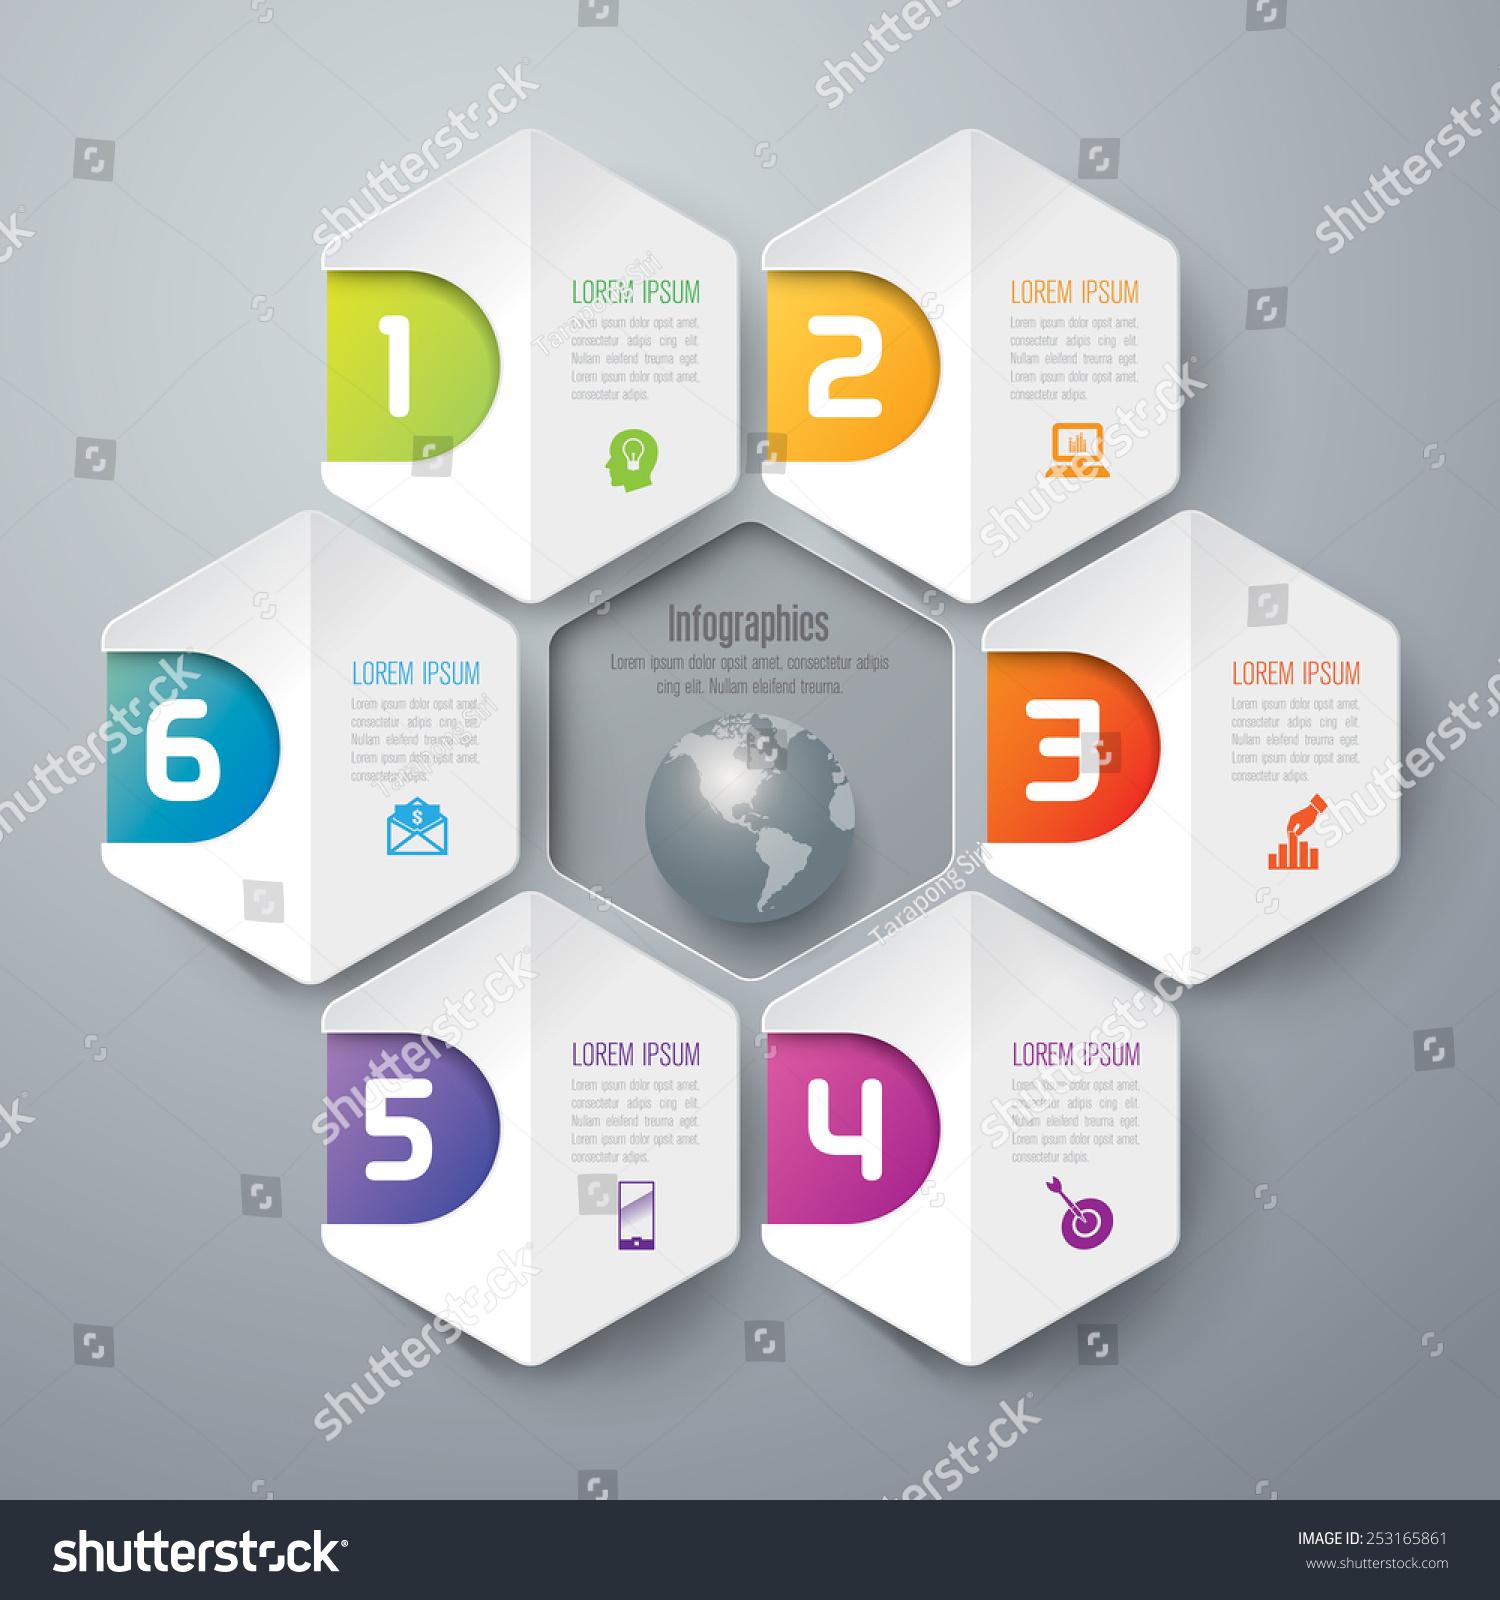 矢量图可以用于工作流程